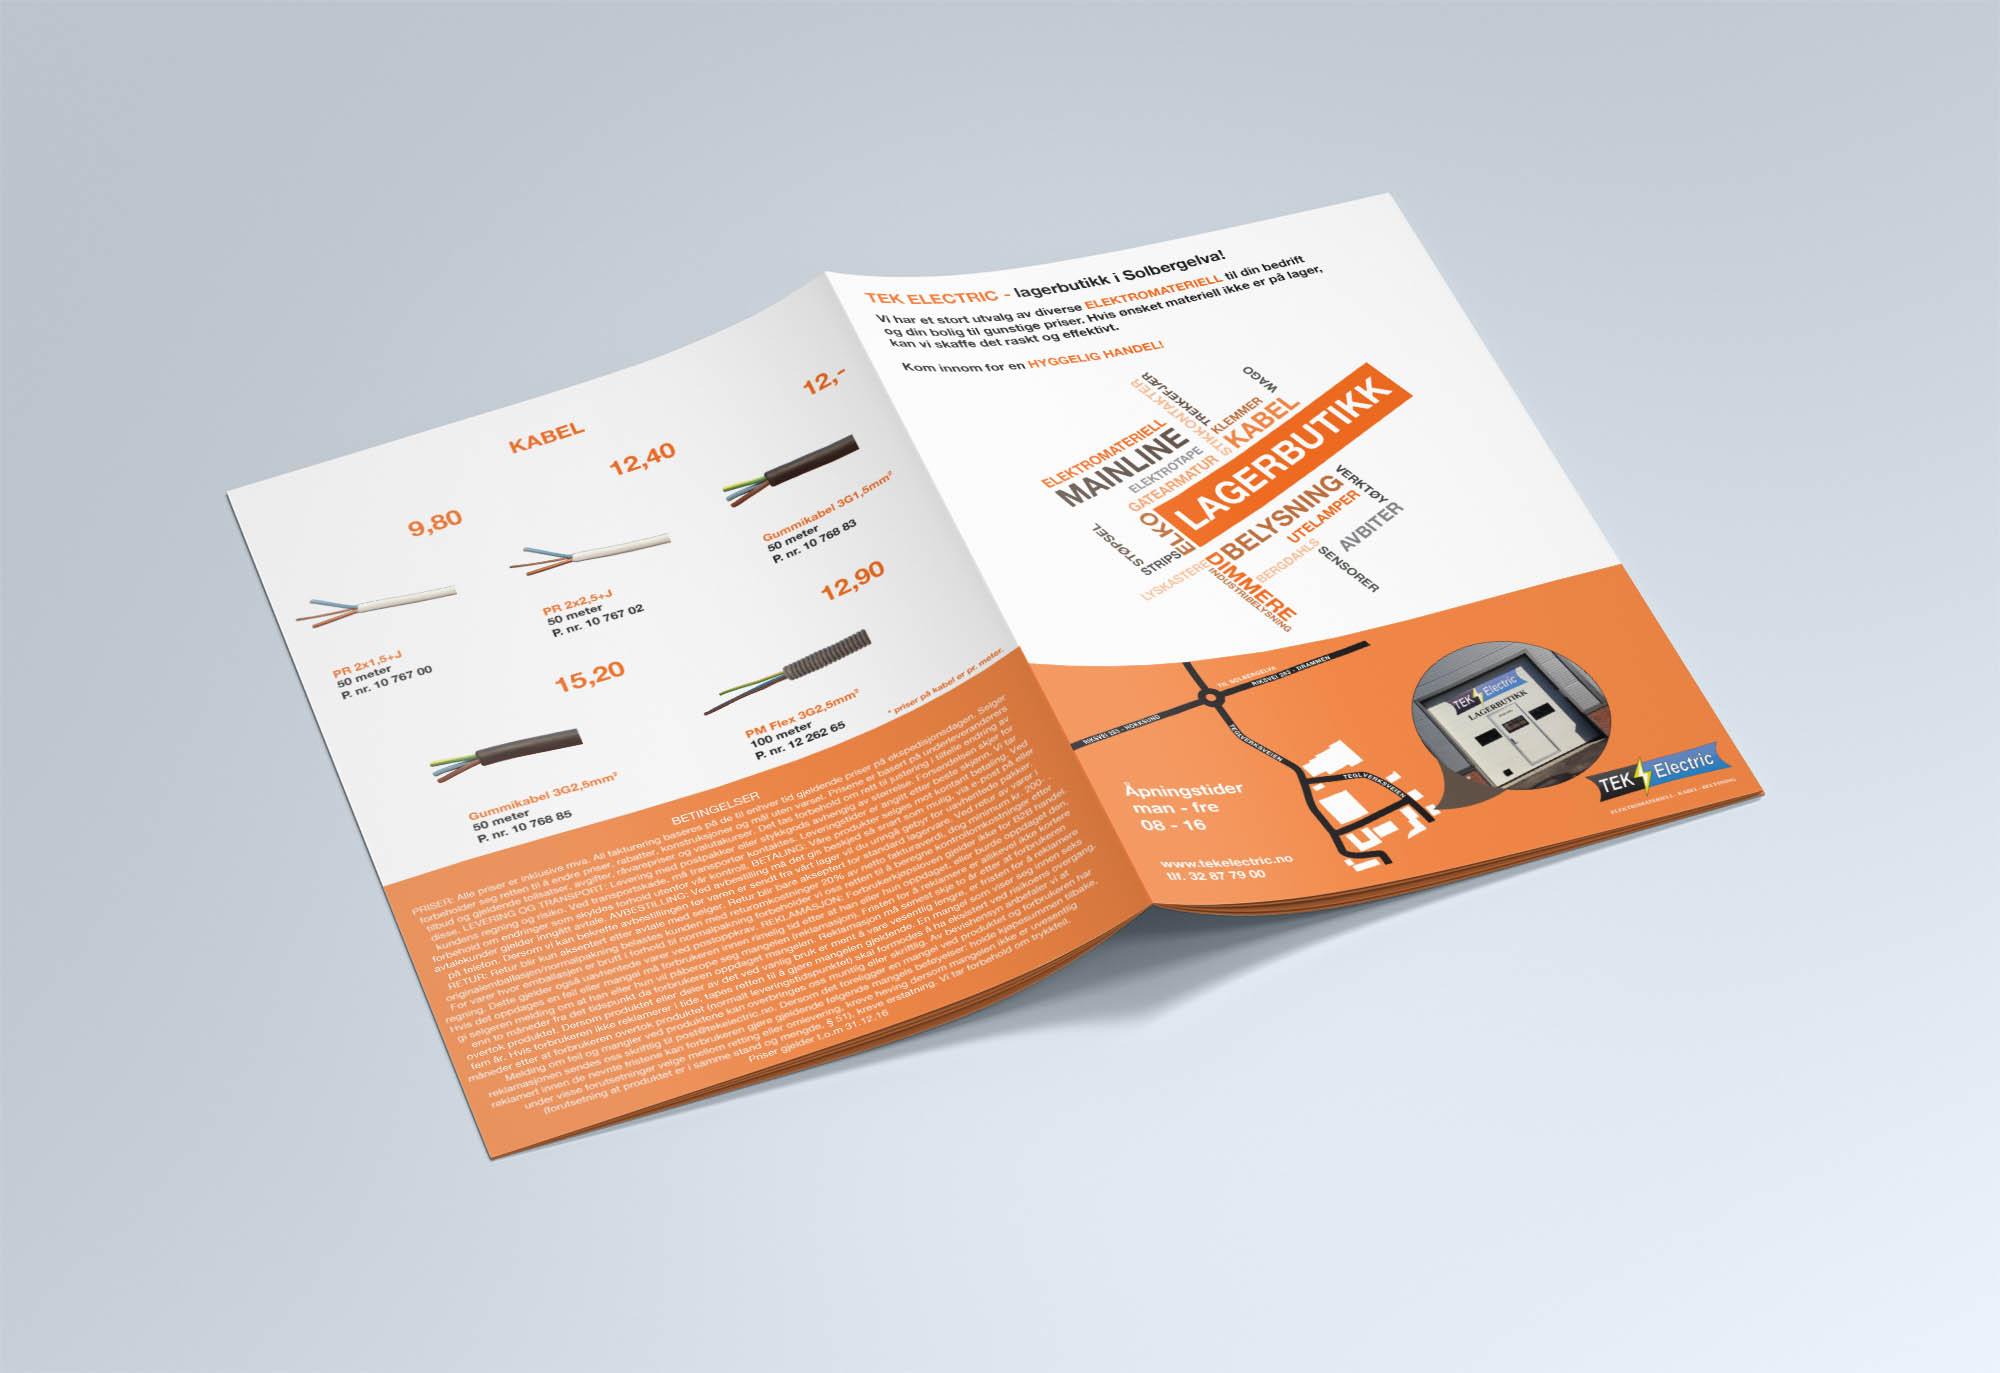 Forside og bakside av produktbrosjyre for TEK Electric